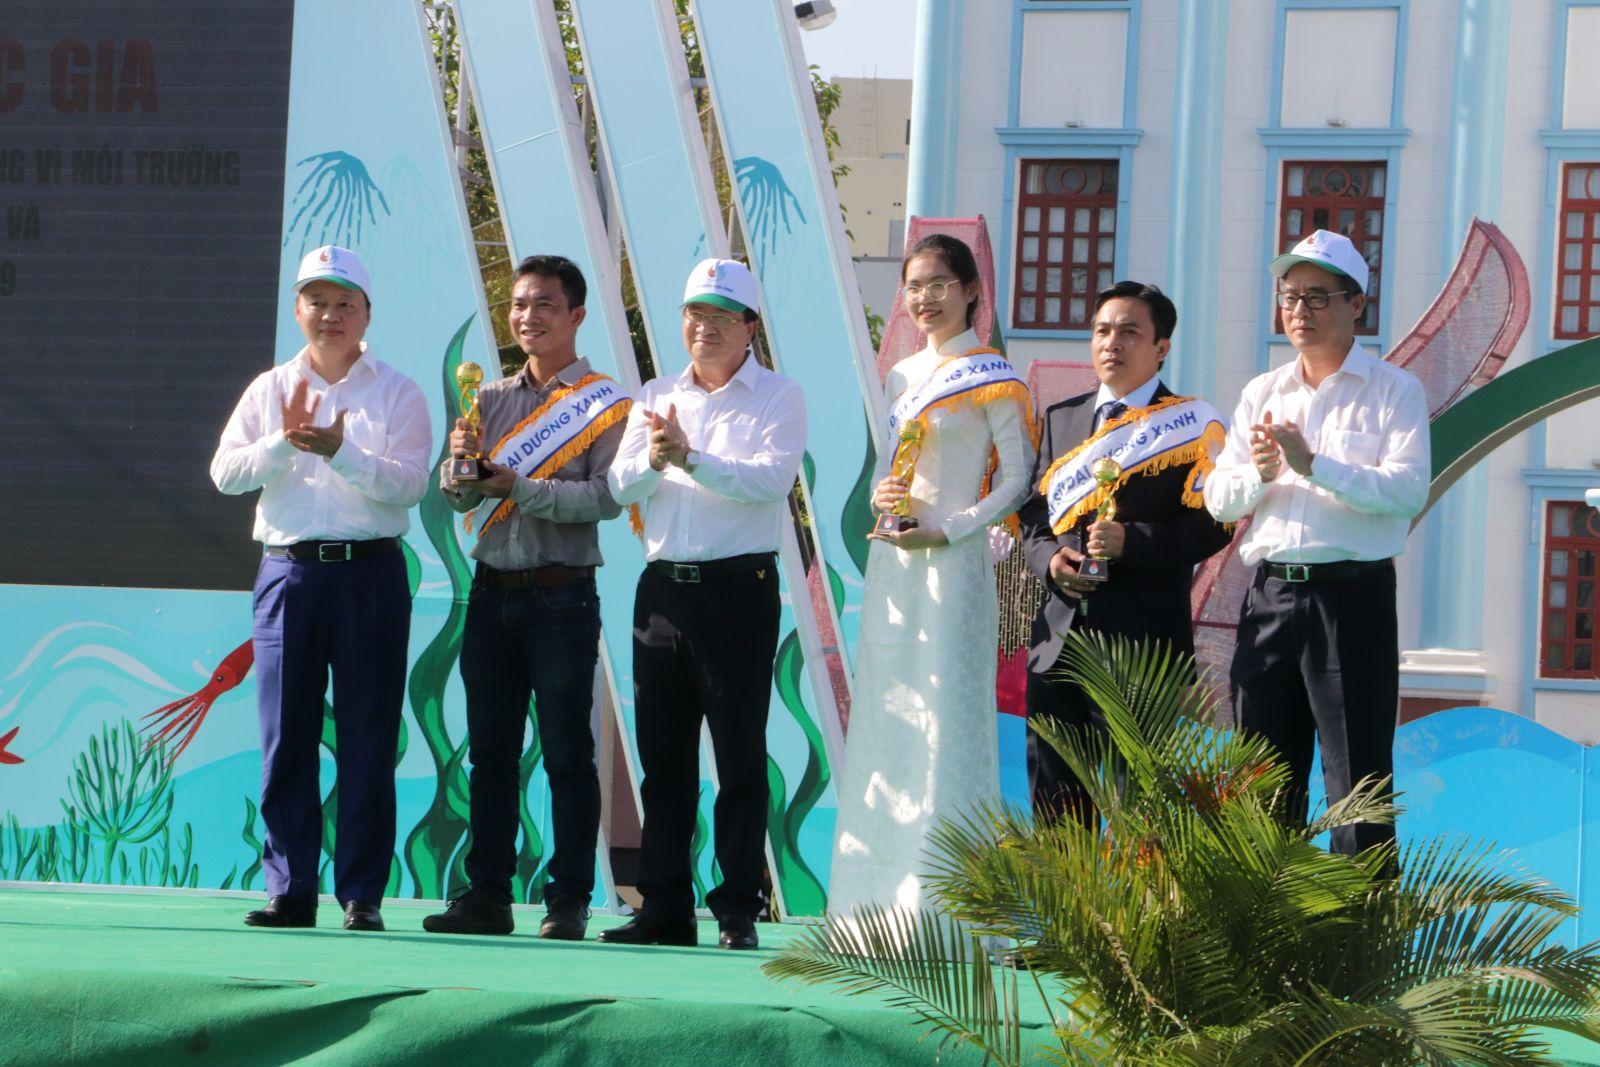 Phó Thủ tướng Trịnh Đình Dũng, Bộ trưởng Bộ TN&MT Trần Hồng Hà trao cúp cho 3 đại sứ Đại dương xanh. Ảnh: N.H